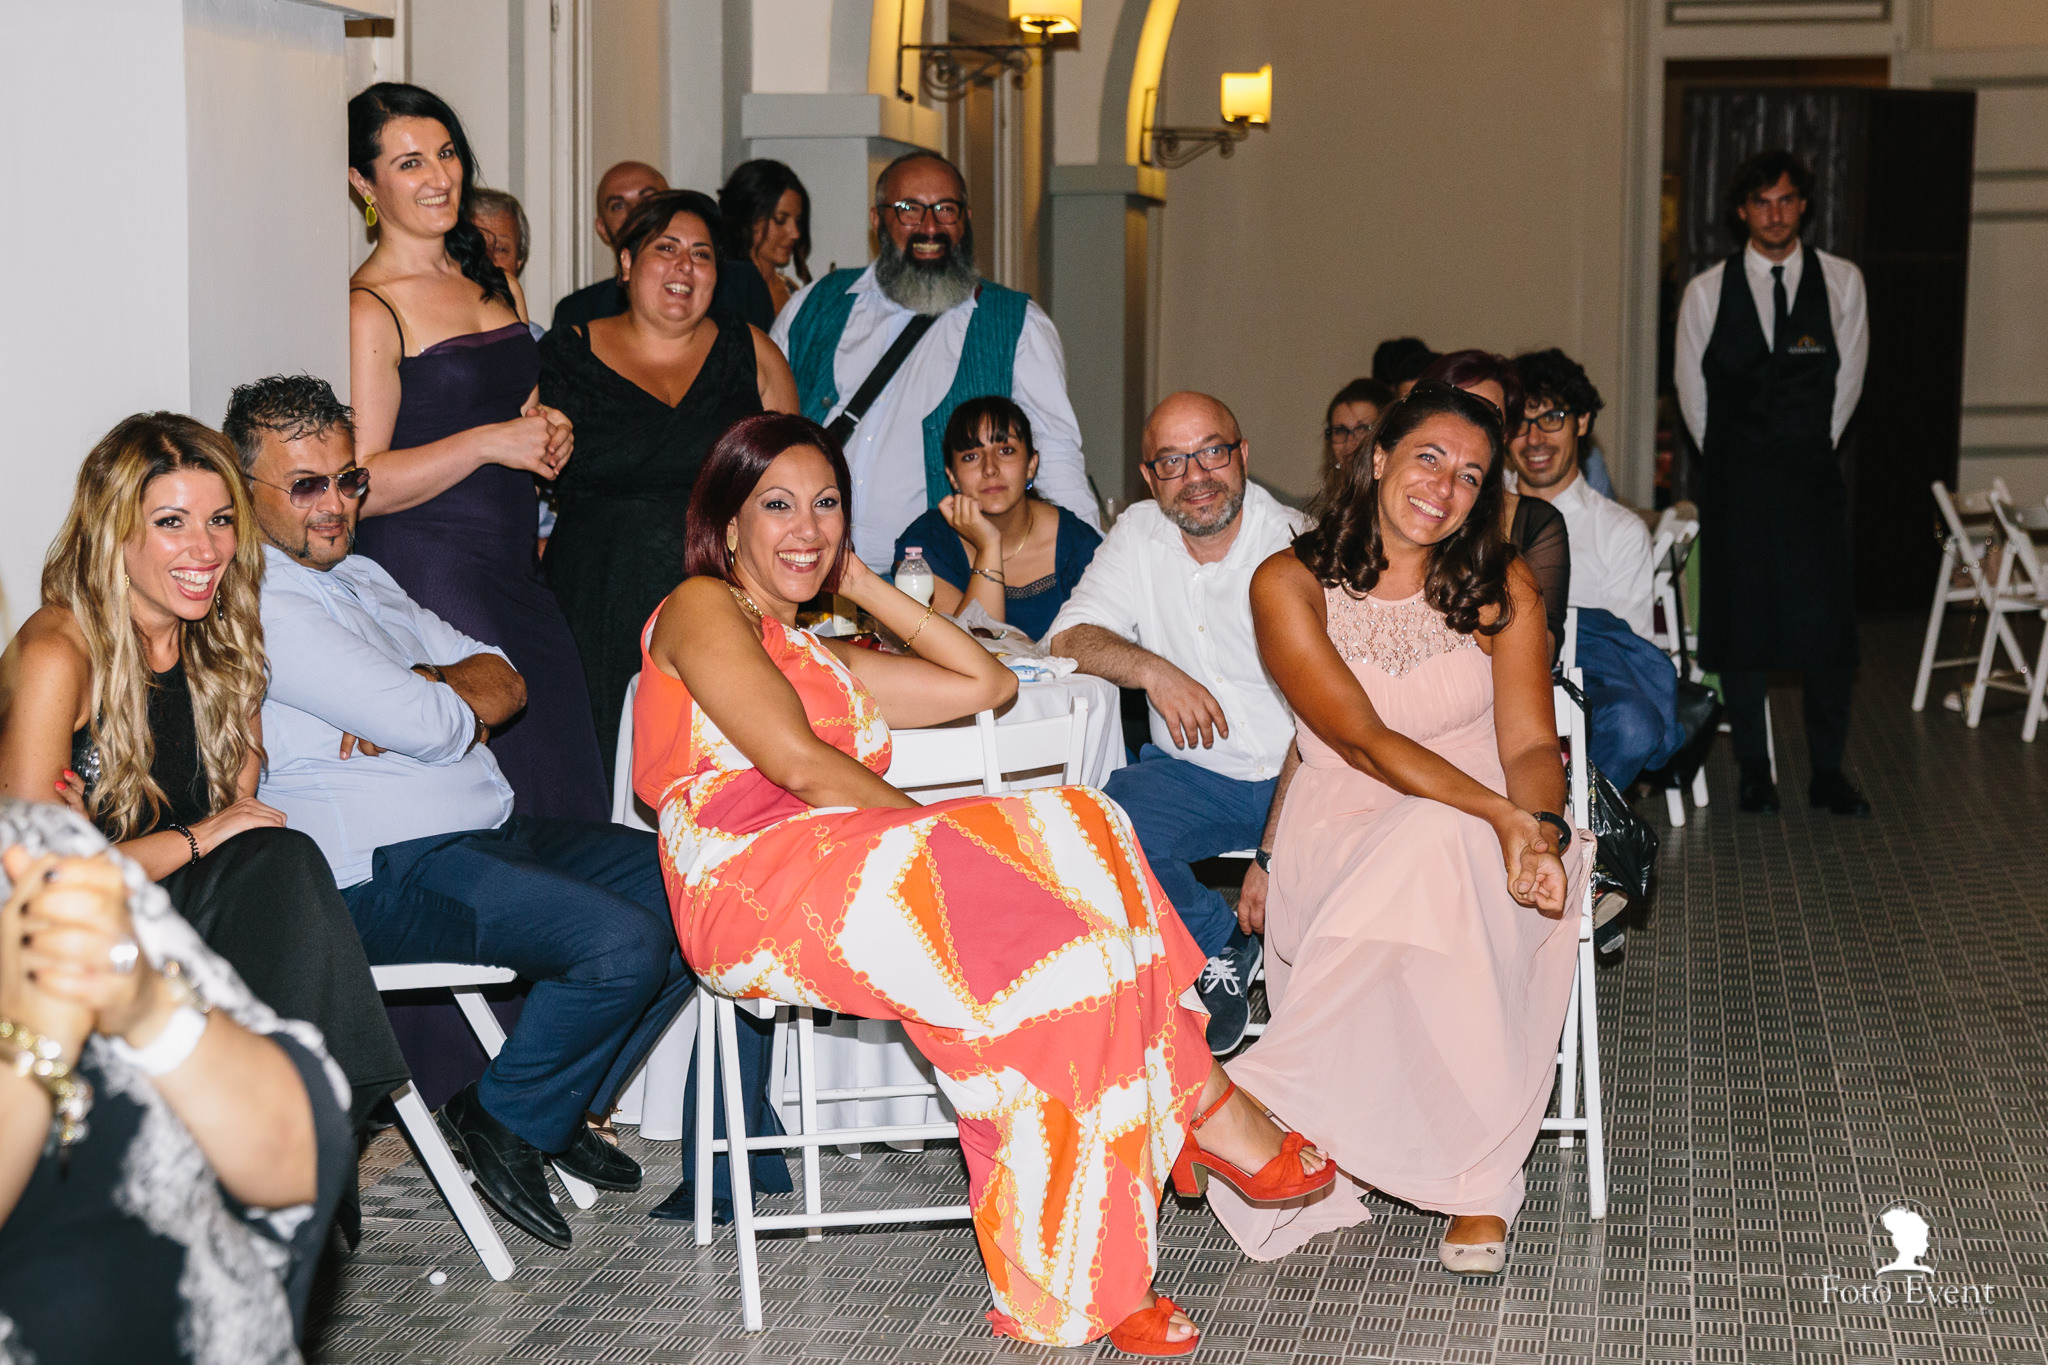 091-2019-07-27-Matrimonio-Valentina-e-Alessandro-Pettinari-5DE-1862